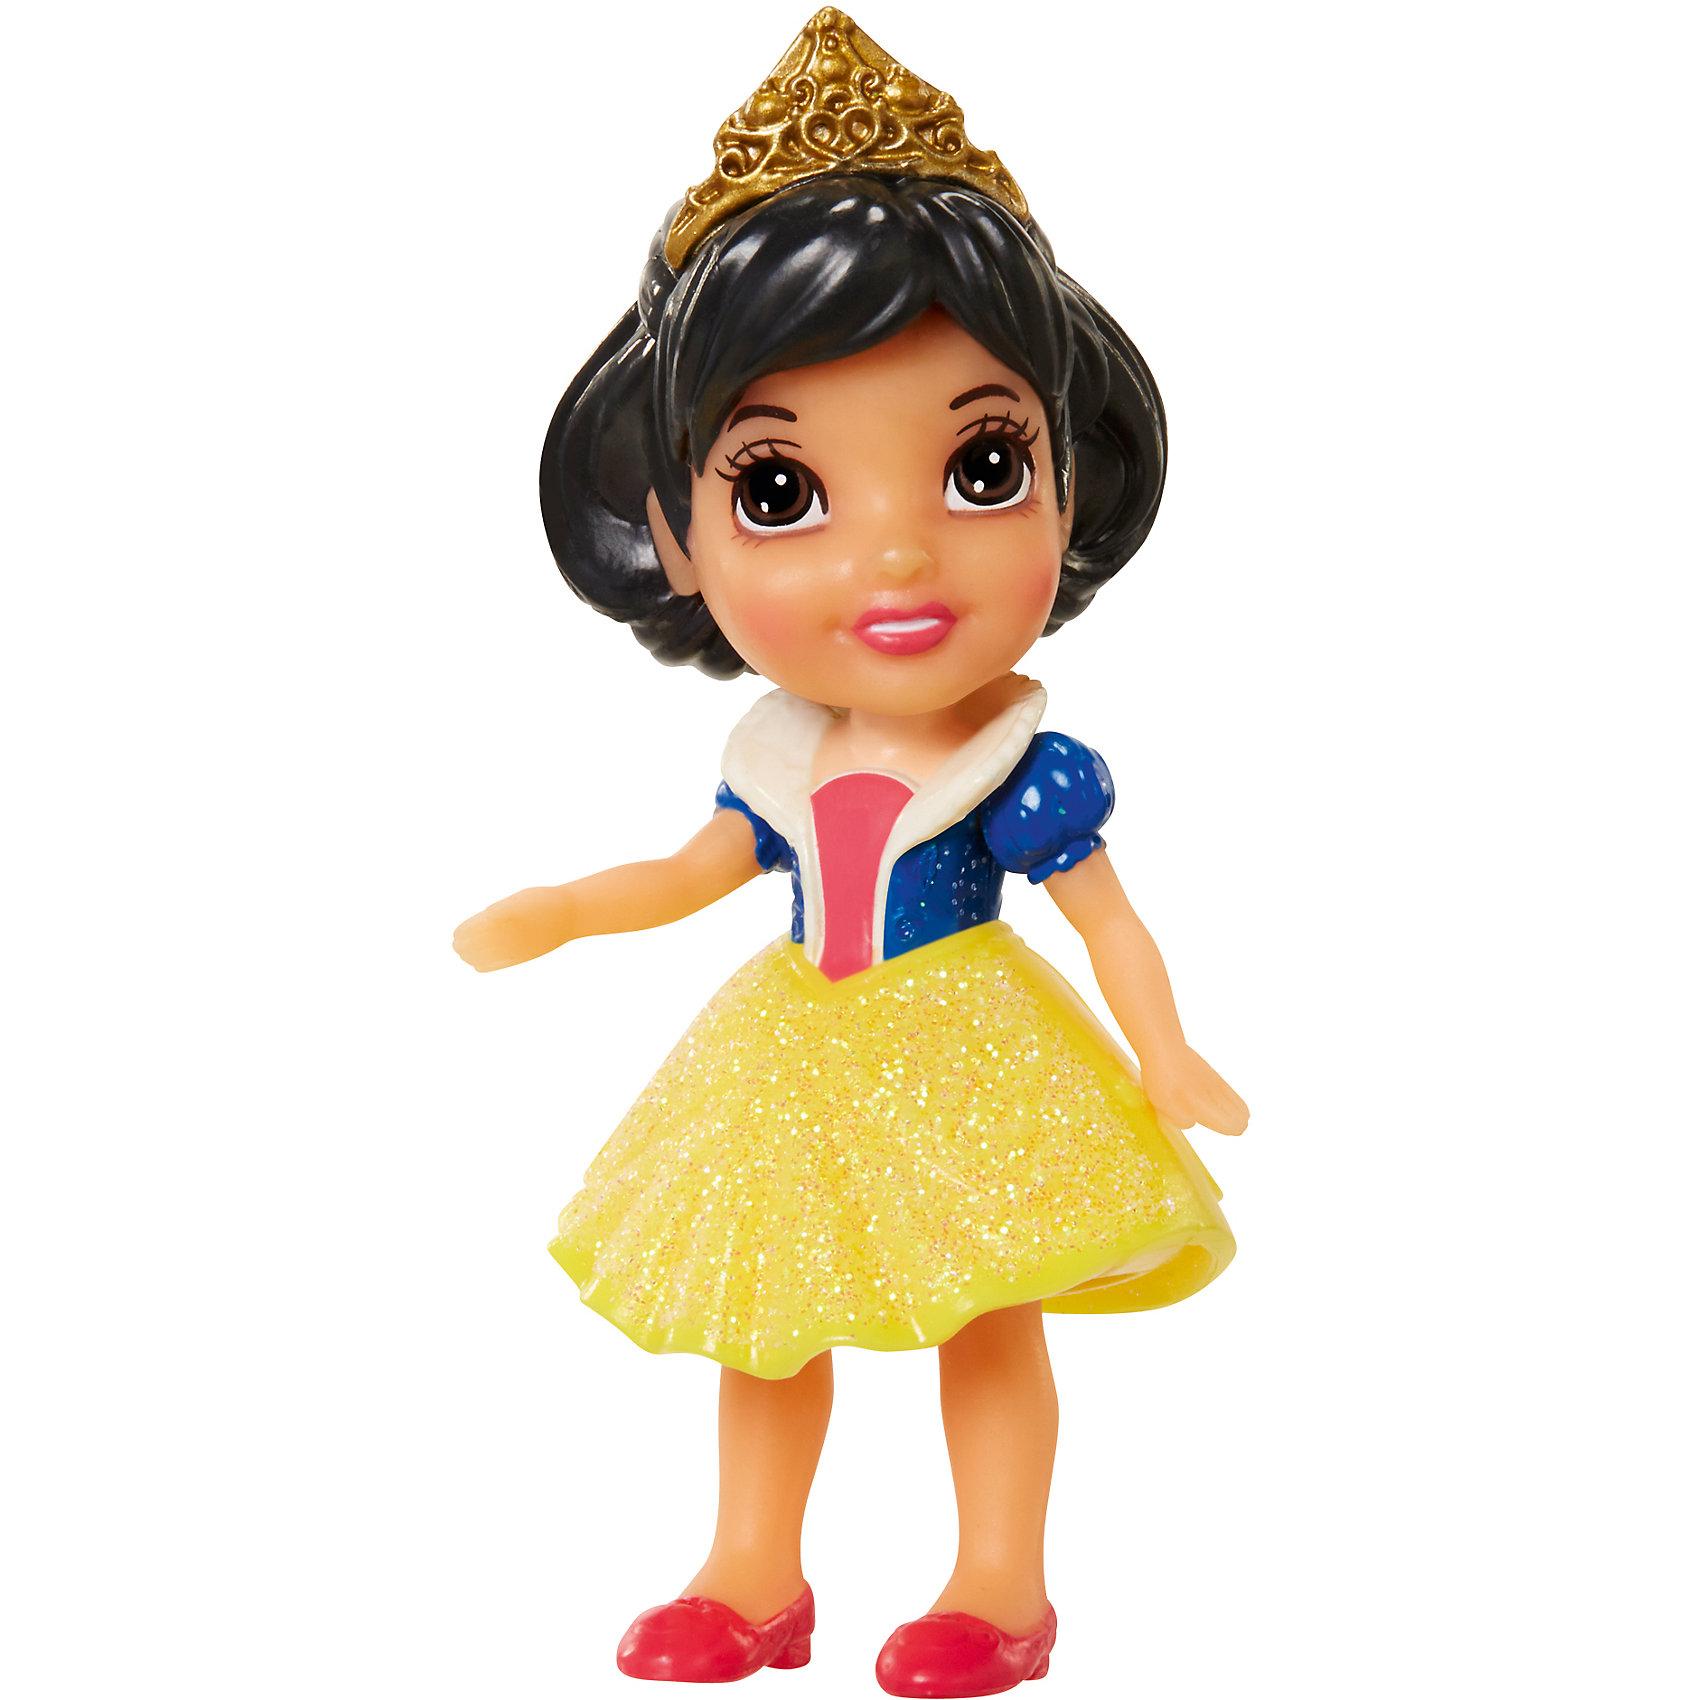 - Кукла Белоснежка, 7,5 см, Принцессы Дисней карапуз кукла рапунцель со светящимся амулетом 37 см со звуком принцессы дисней карапуз